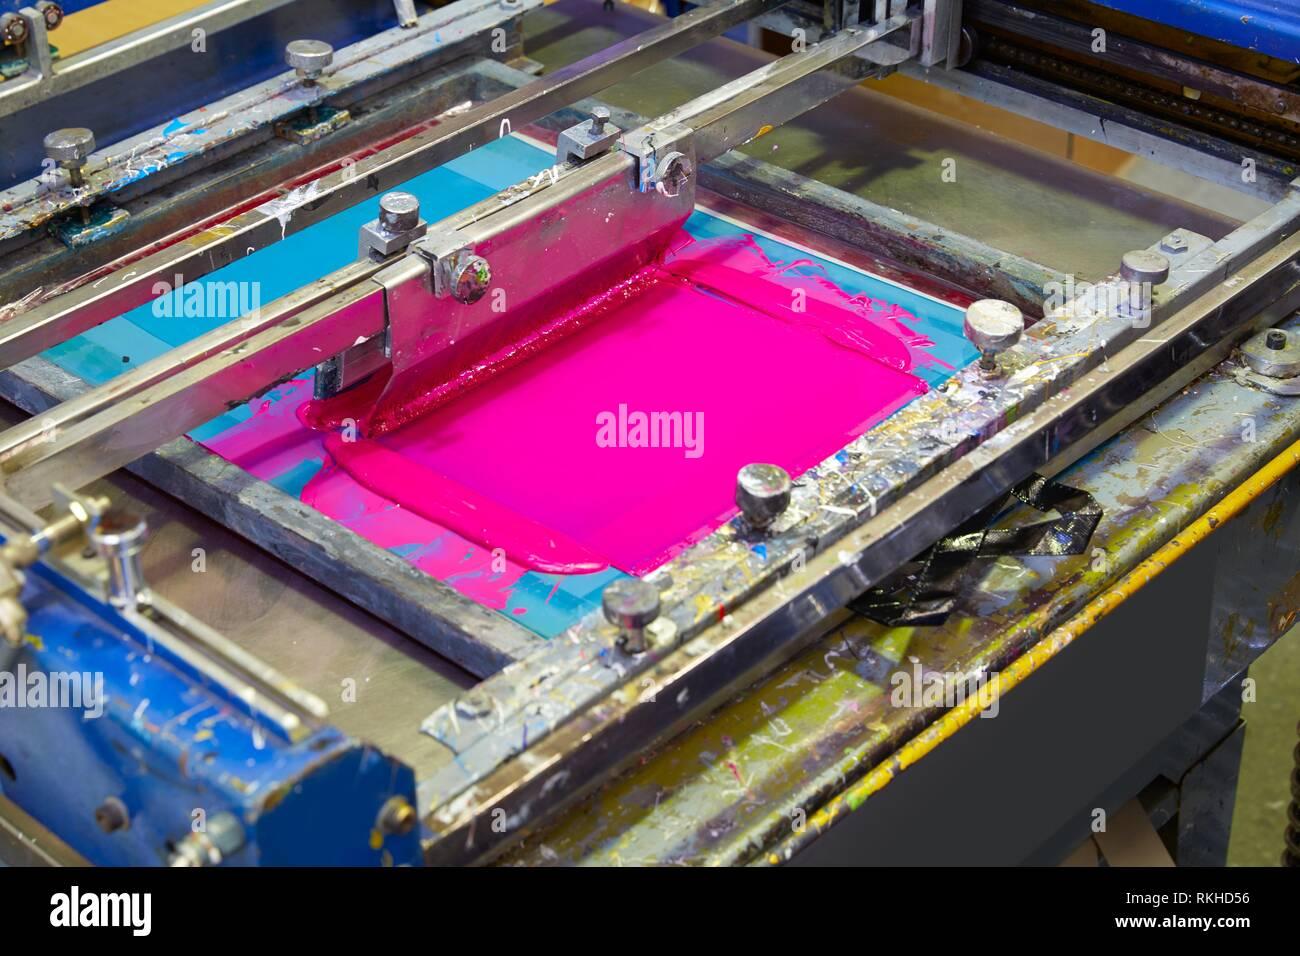 Textile Printing Machine Stock Photos & Textile Printing Machine